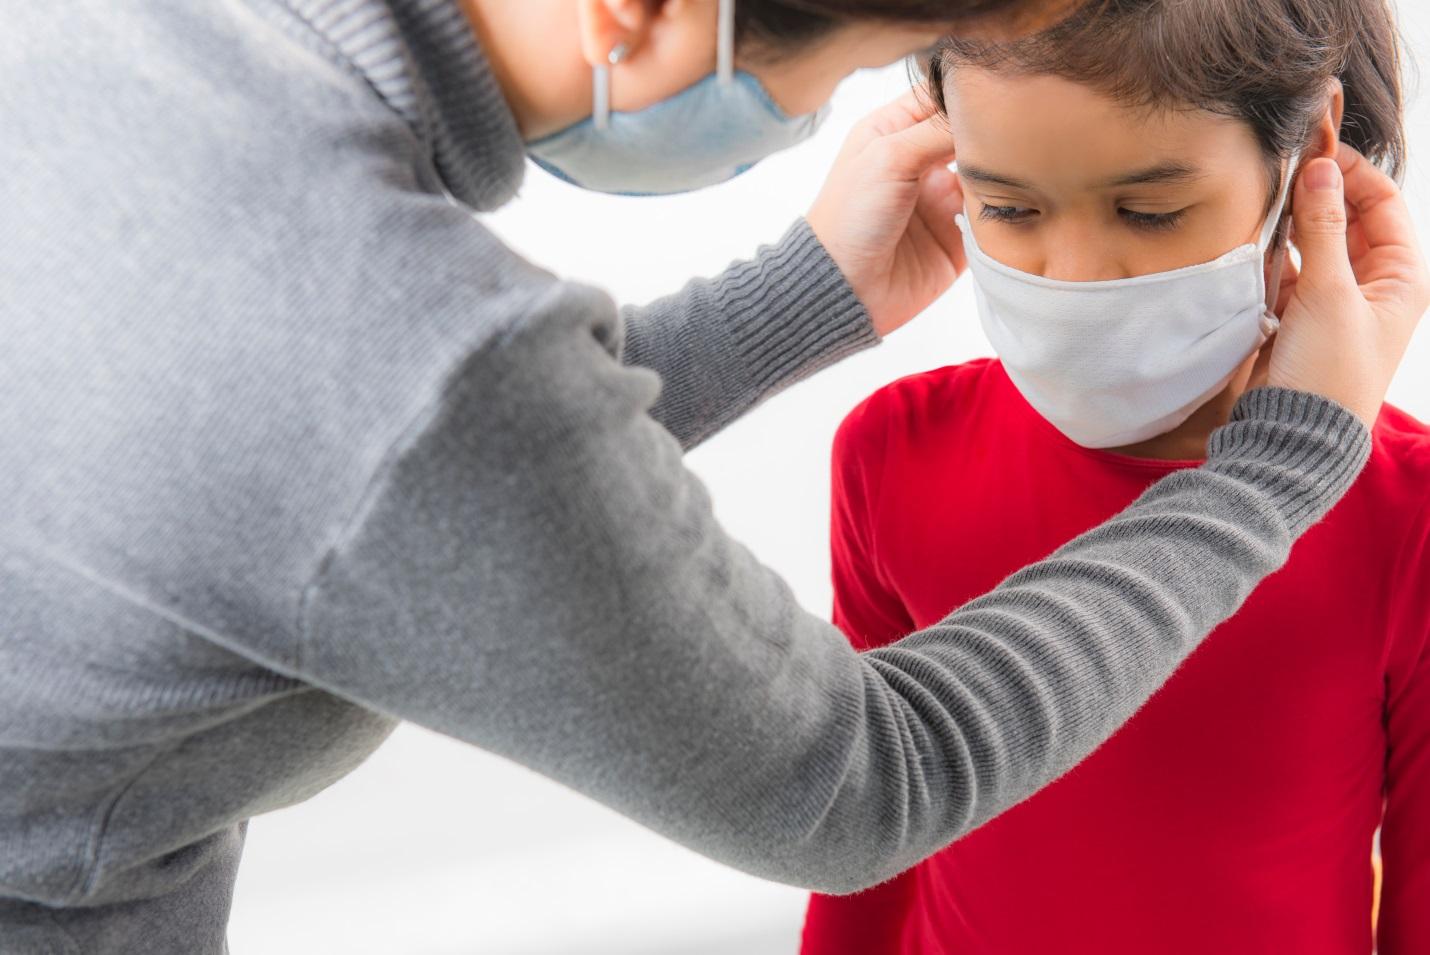 Pertolongan Pertama untuk Anak Demam di Masa Pandemi